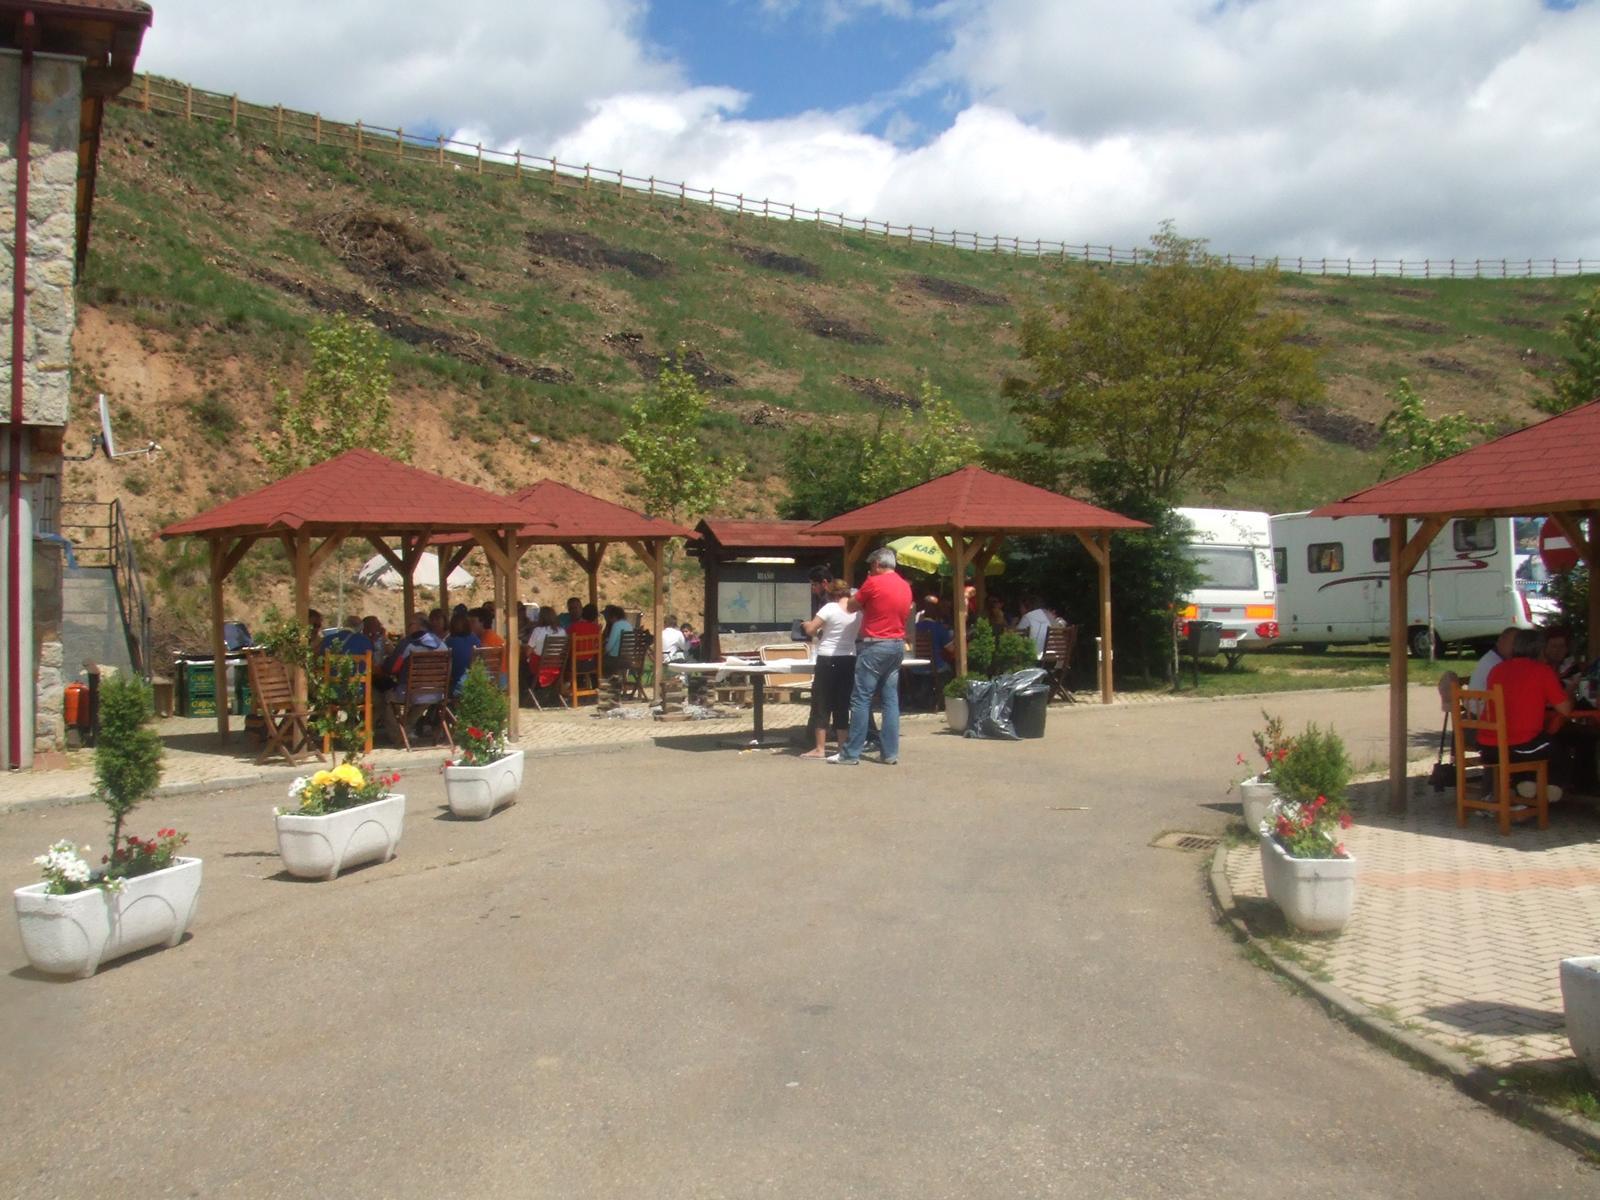 inauguracion de area privada en camping Riaño(Leon)28-29 y 30 de Mayo - Página 3 DSCF7690